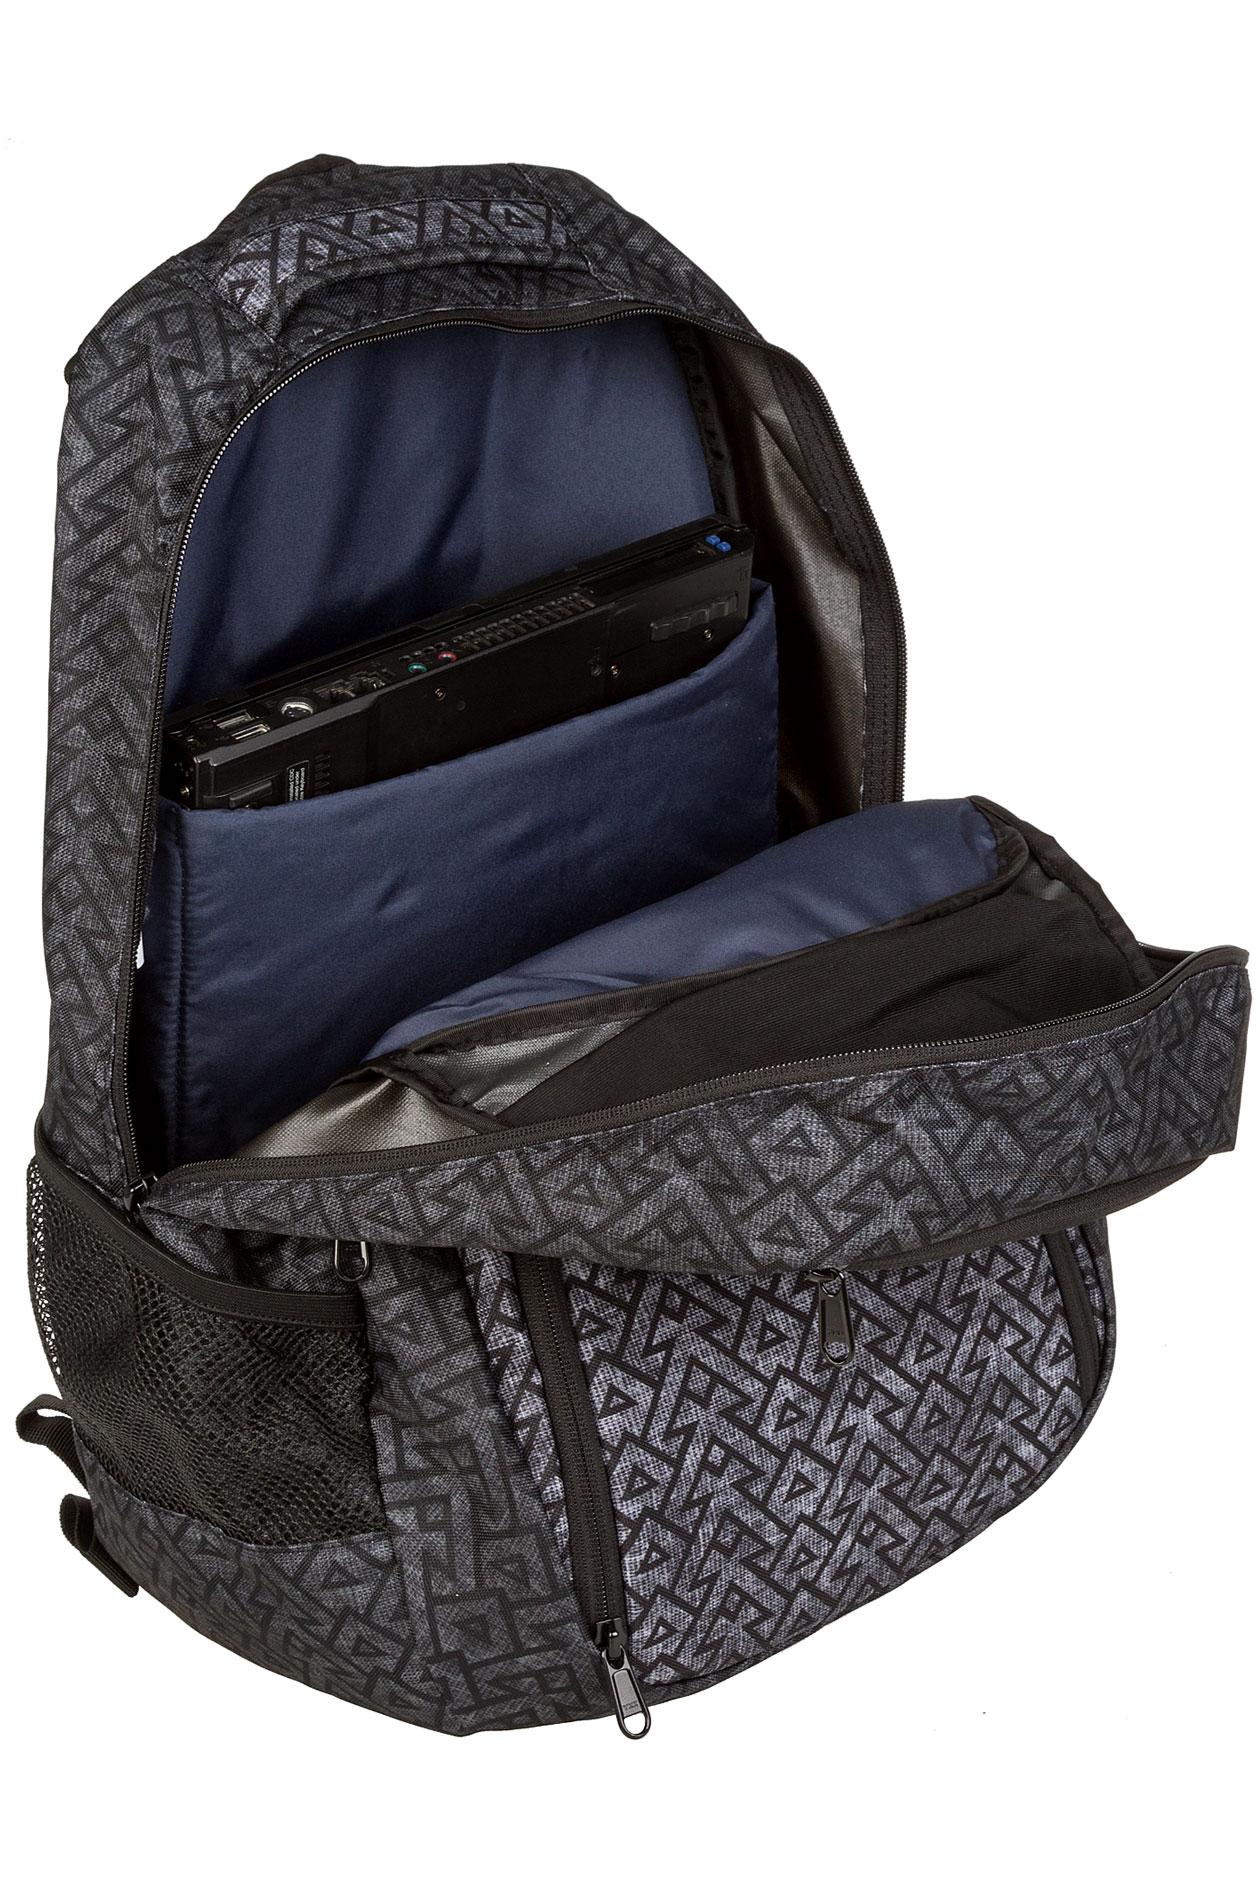 dakine campus rucksack 33l stacked kaufen bei skatedeluxe. Black Bedroom Furniture Sets. Home Design Ideas